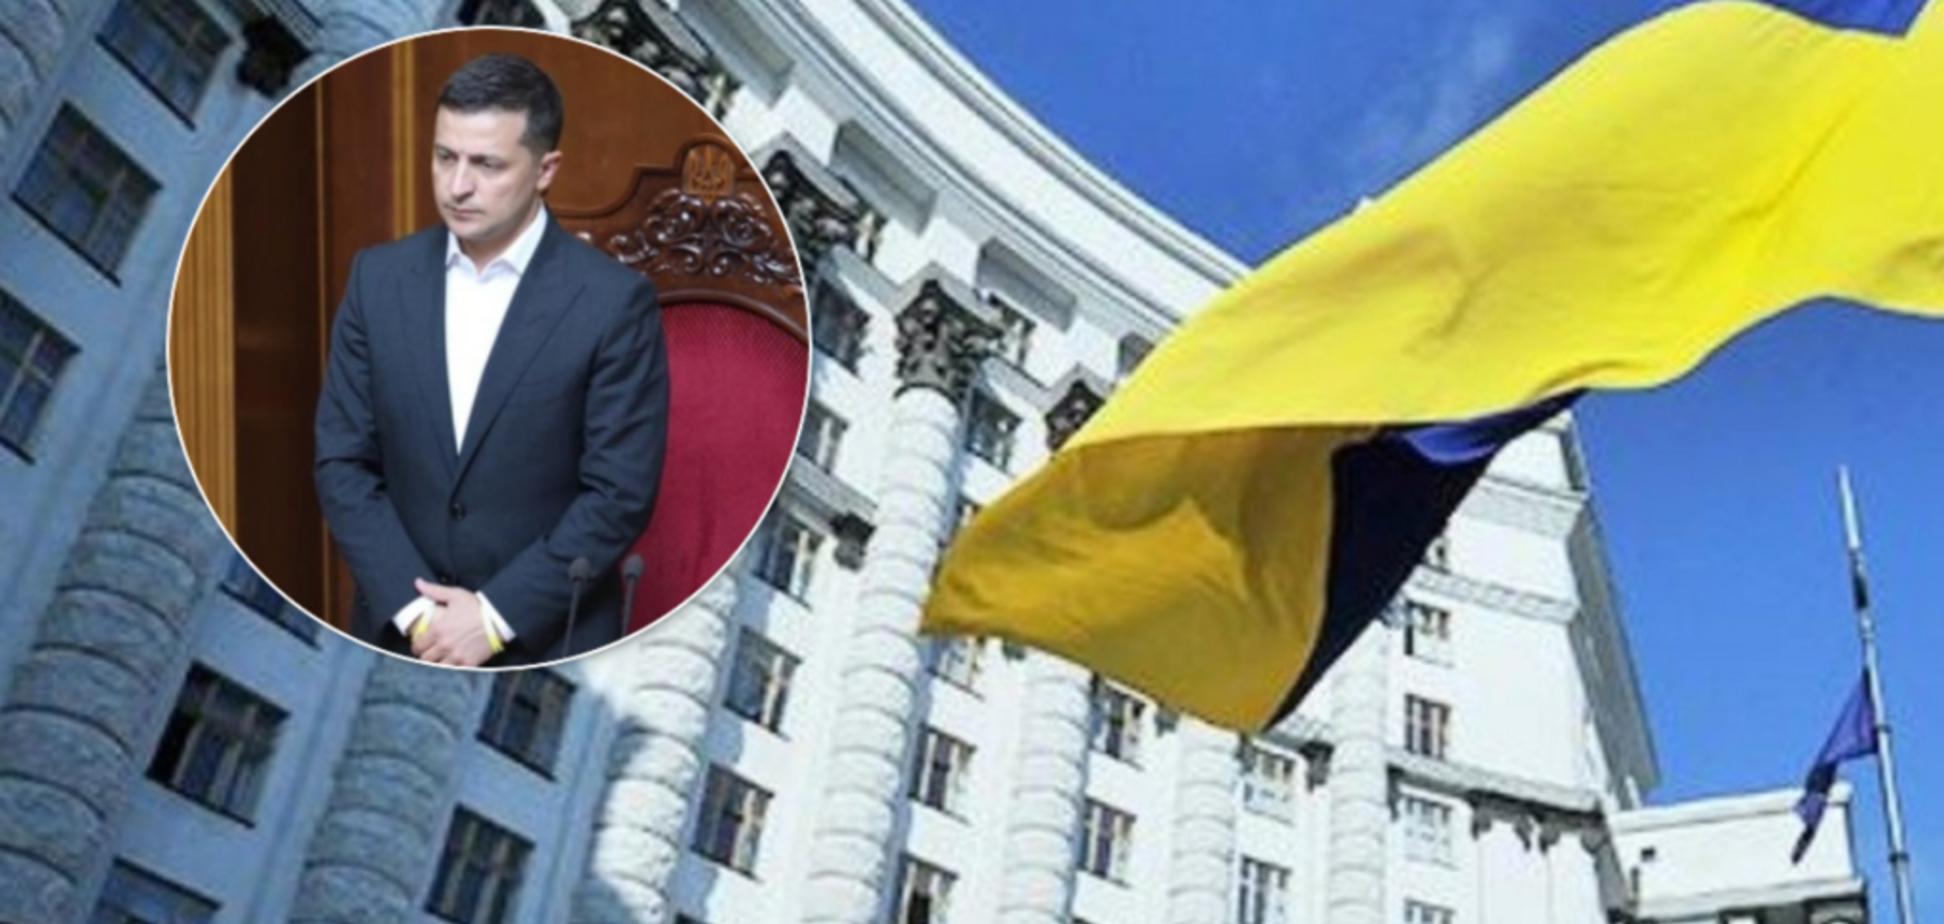 Работа нового Кабмина под угрозой: Турчинов отчитал команду Зеленского